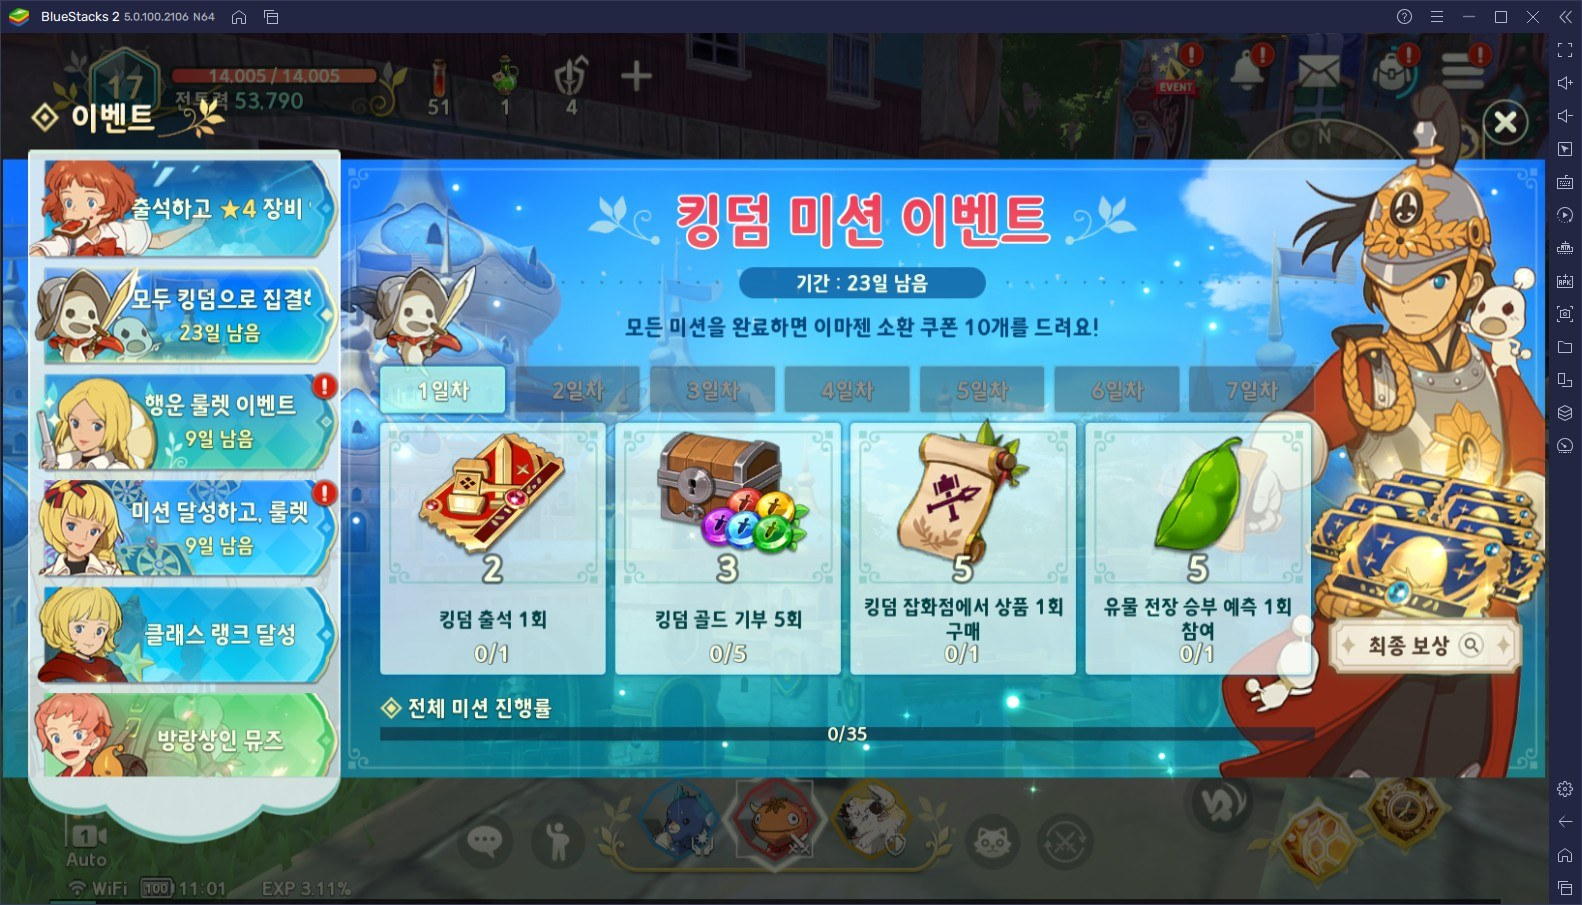 무과금도 재미있게 즐길 수 있는 제2의 나라: Cross Worlds의 이벤트들을 PC에서 블루스택 앱플레이어로 효율적으로 챙겨보세요!